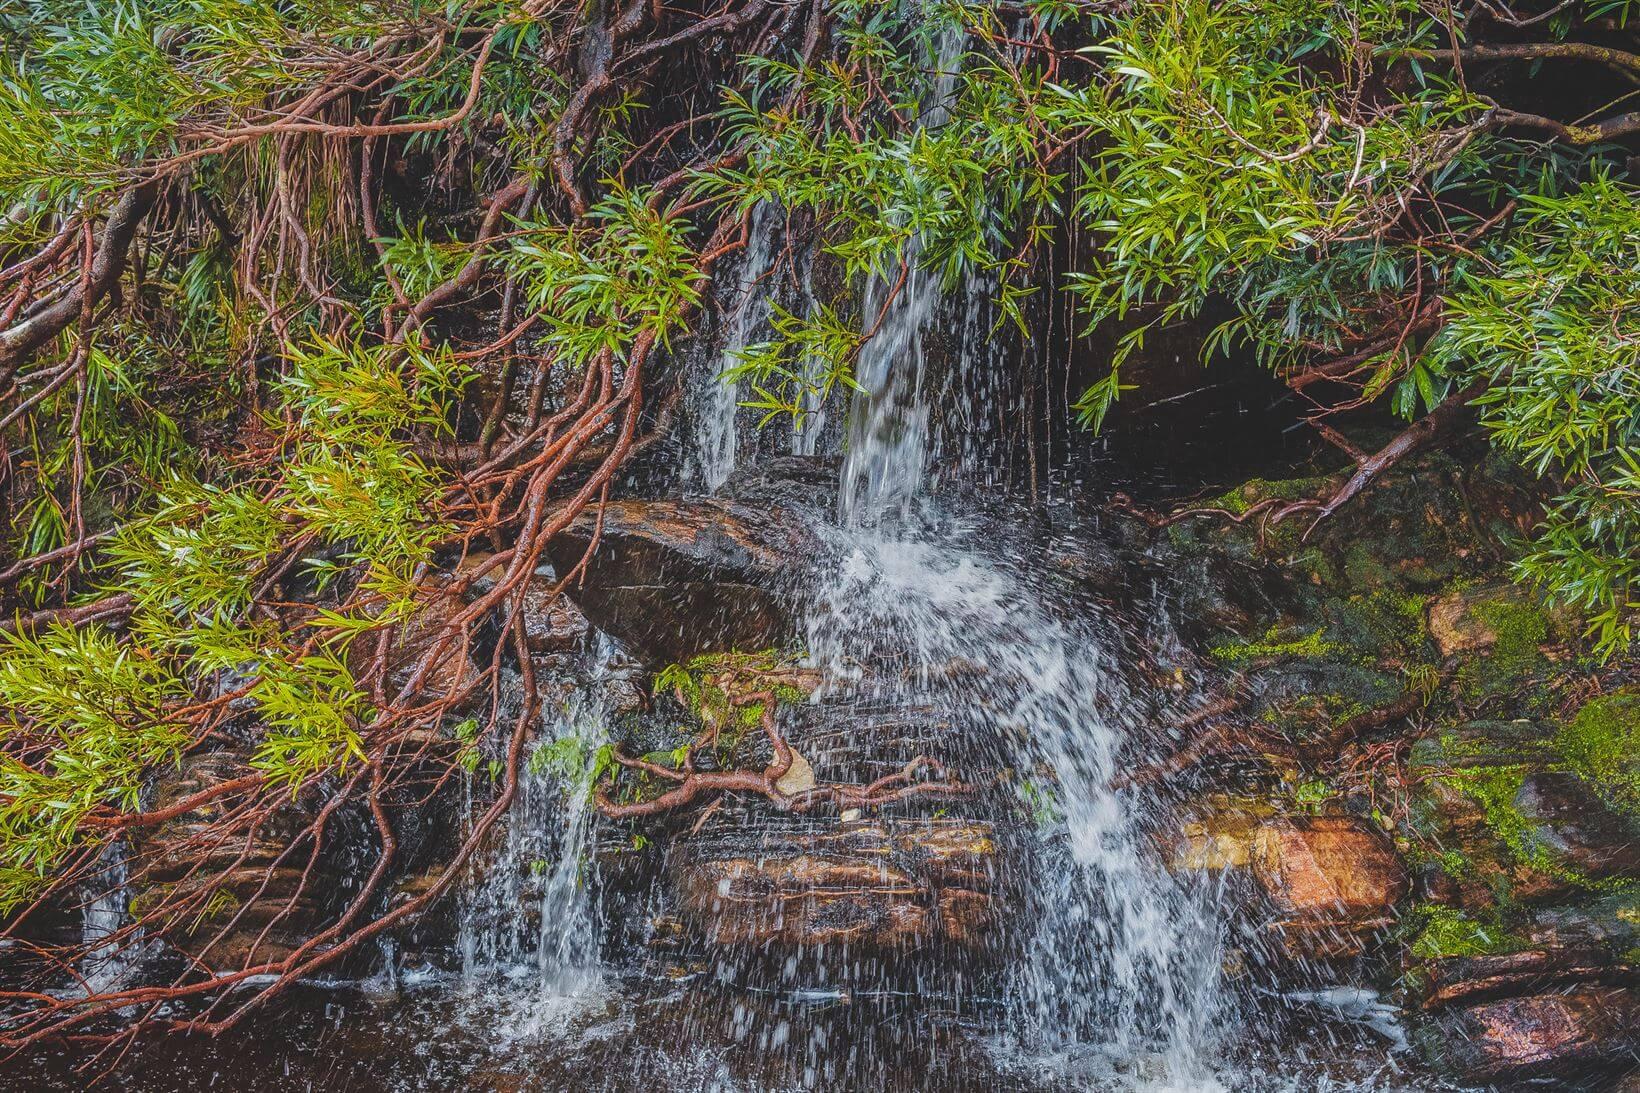 cachoeira serra do cipo minas gerais